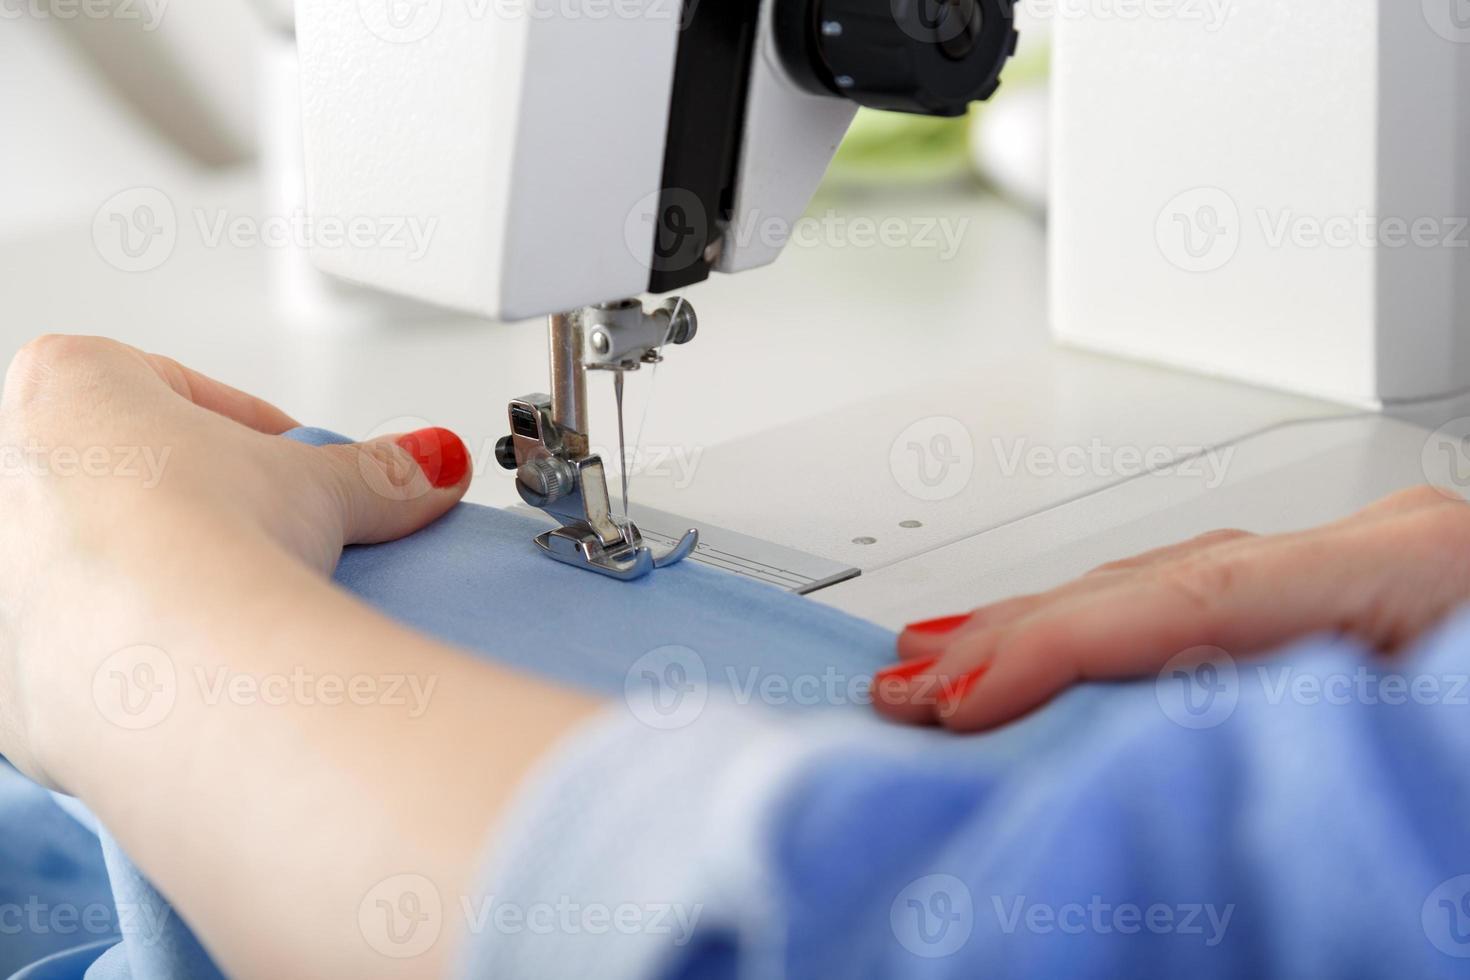 trabajando en maquina de coser. foto